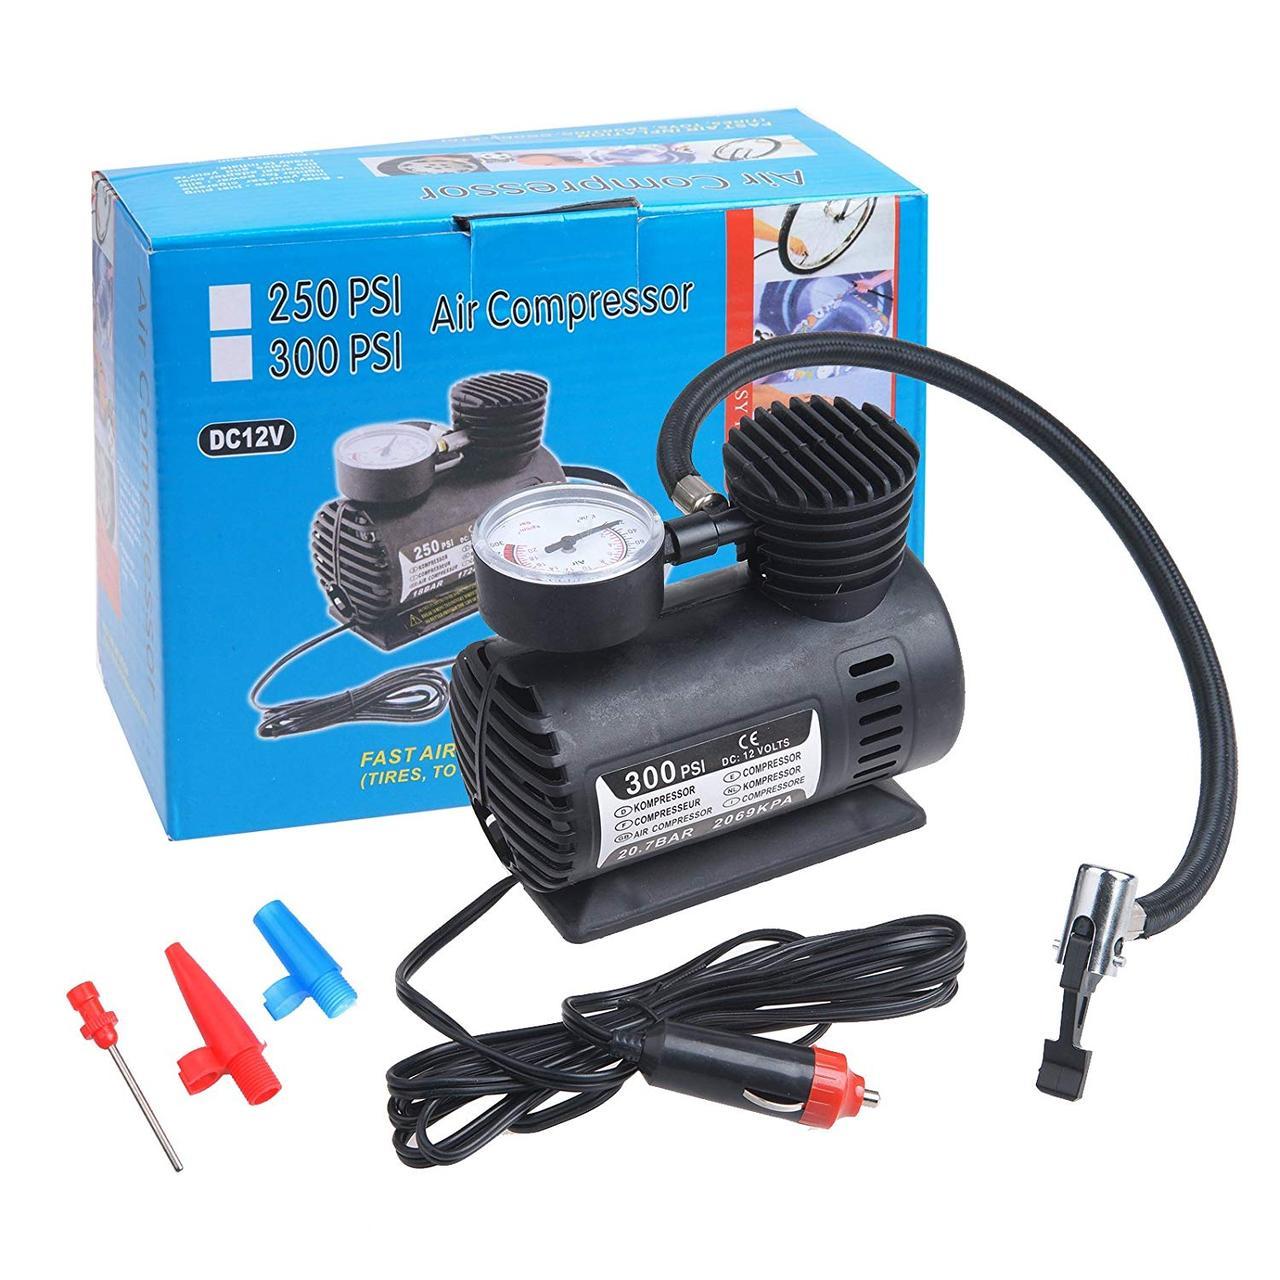 Автомобильный компрессор насос Air Compressor DC12V 250 PSI